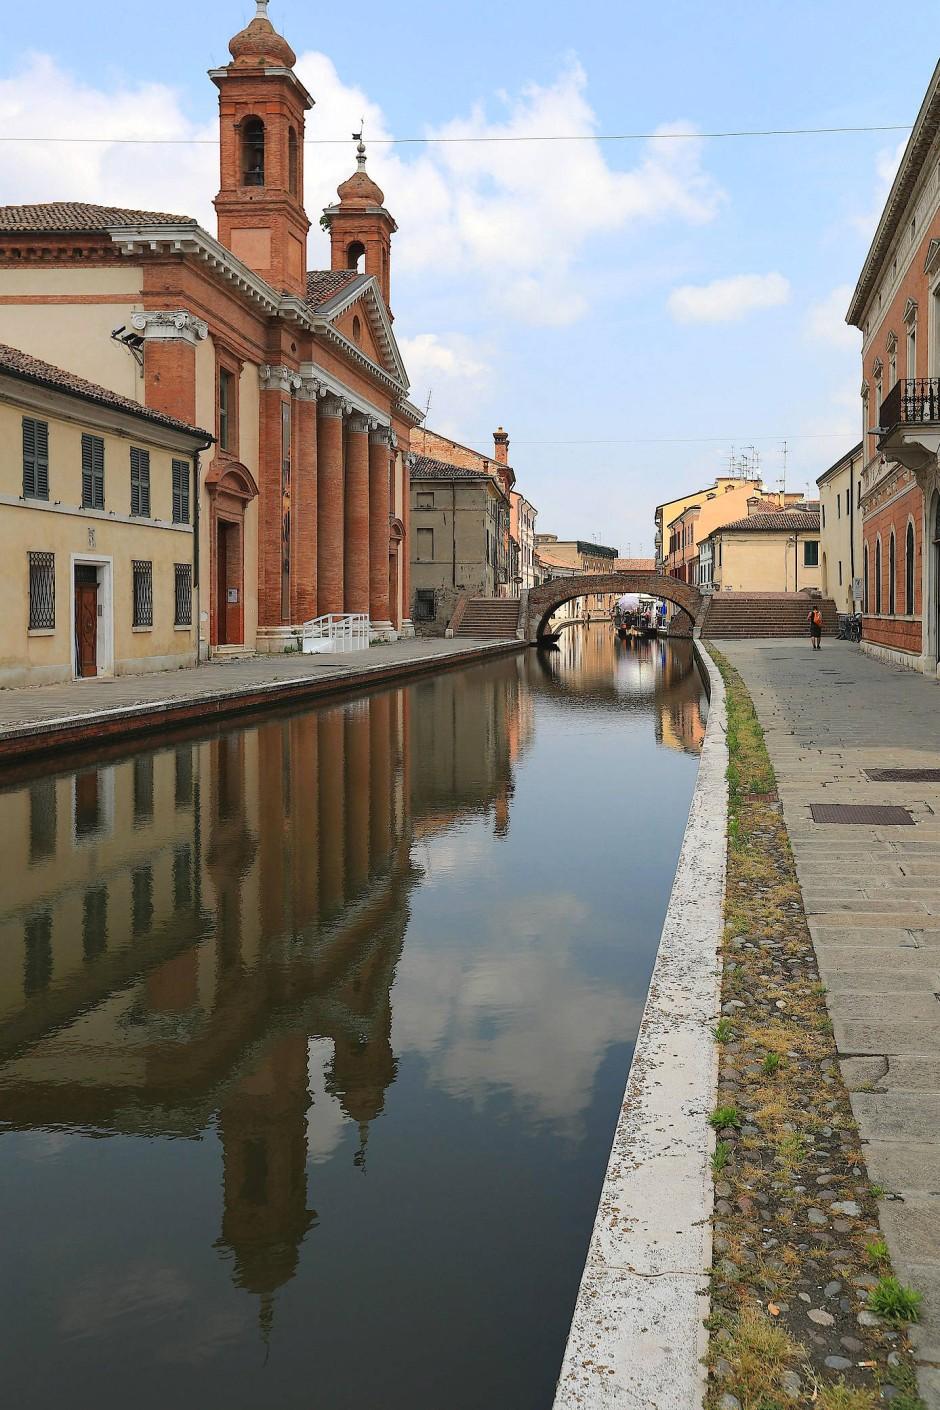 Etwa 180 Kilometer fahrbarer Kanäle und Flüsse gibt es in der Provinz Ferrara – theoretisch!